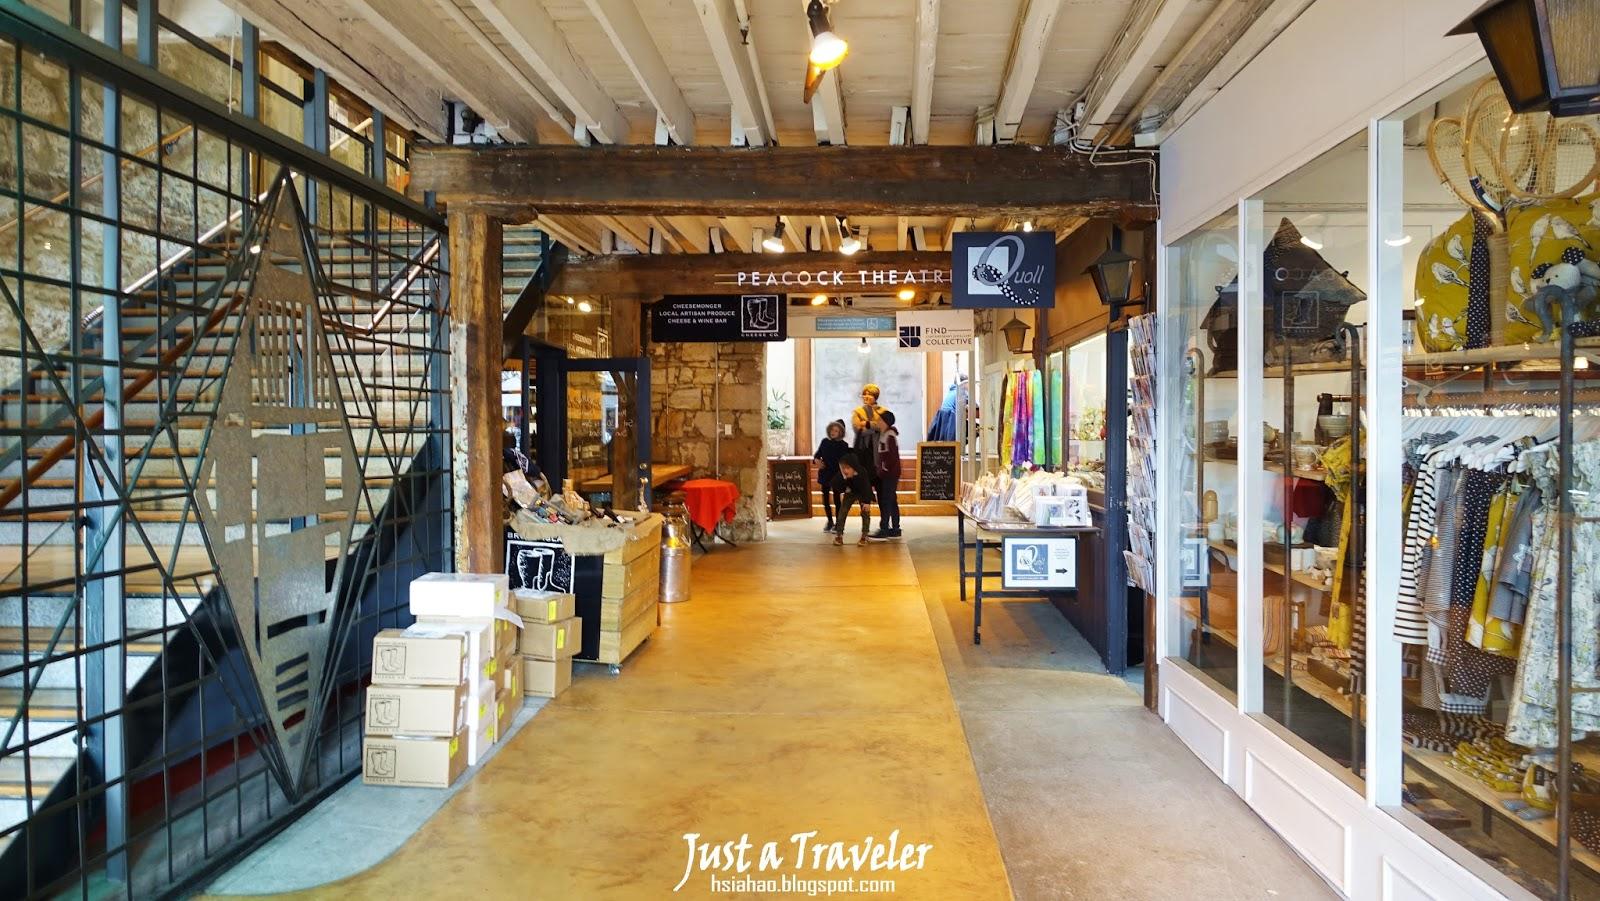 塔斯馬尼亞-荷伯特-景點-推薦-莎拉曼卡廣場-旅遊-自由行-澳洲-Tasmania-Hobart-Salamanca-Place-Tourist-Attraction-Australia